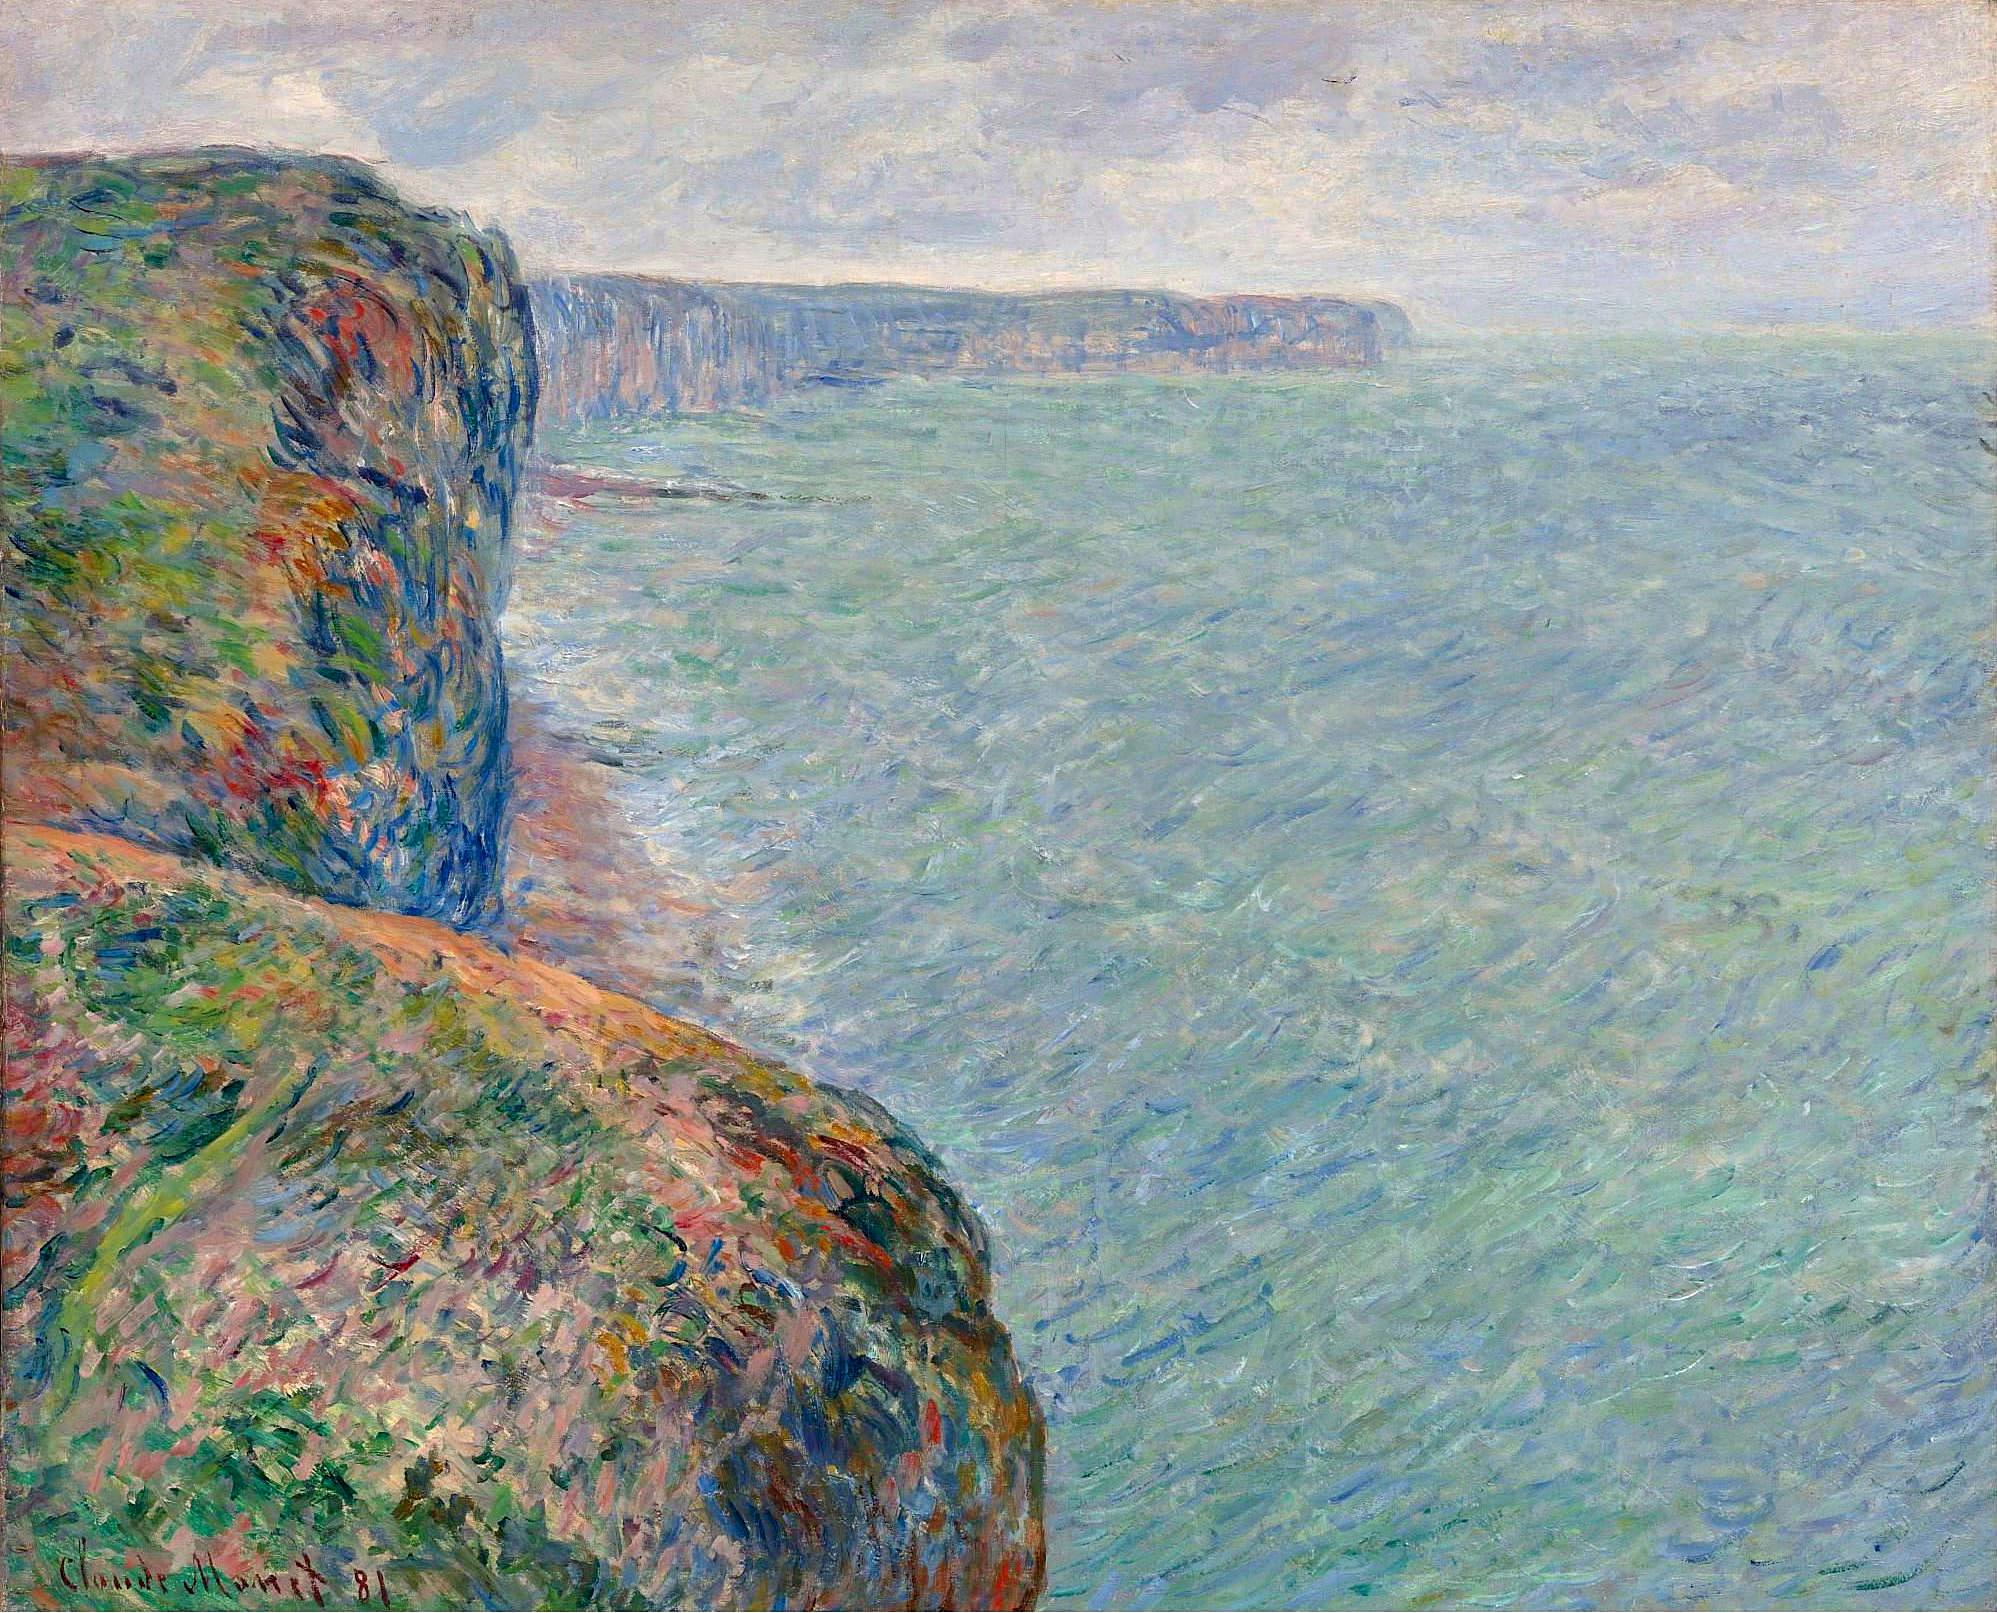 Artworks by Oscar Claude Monet (3 часть) (321 работ) » Страница 2 »  Картины, художники, фотографы на Nevsepic